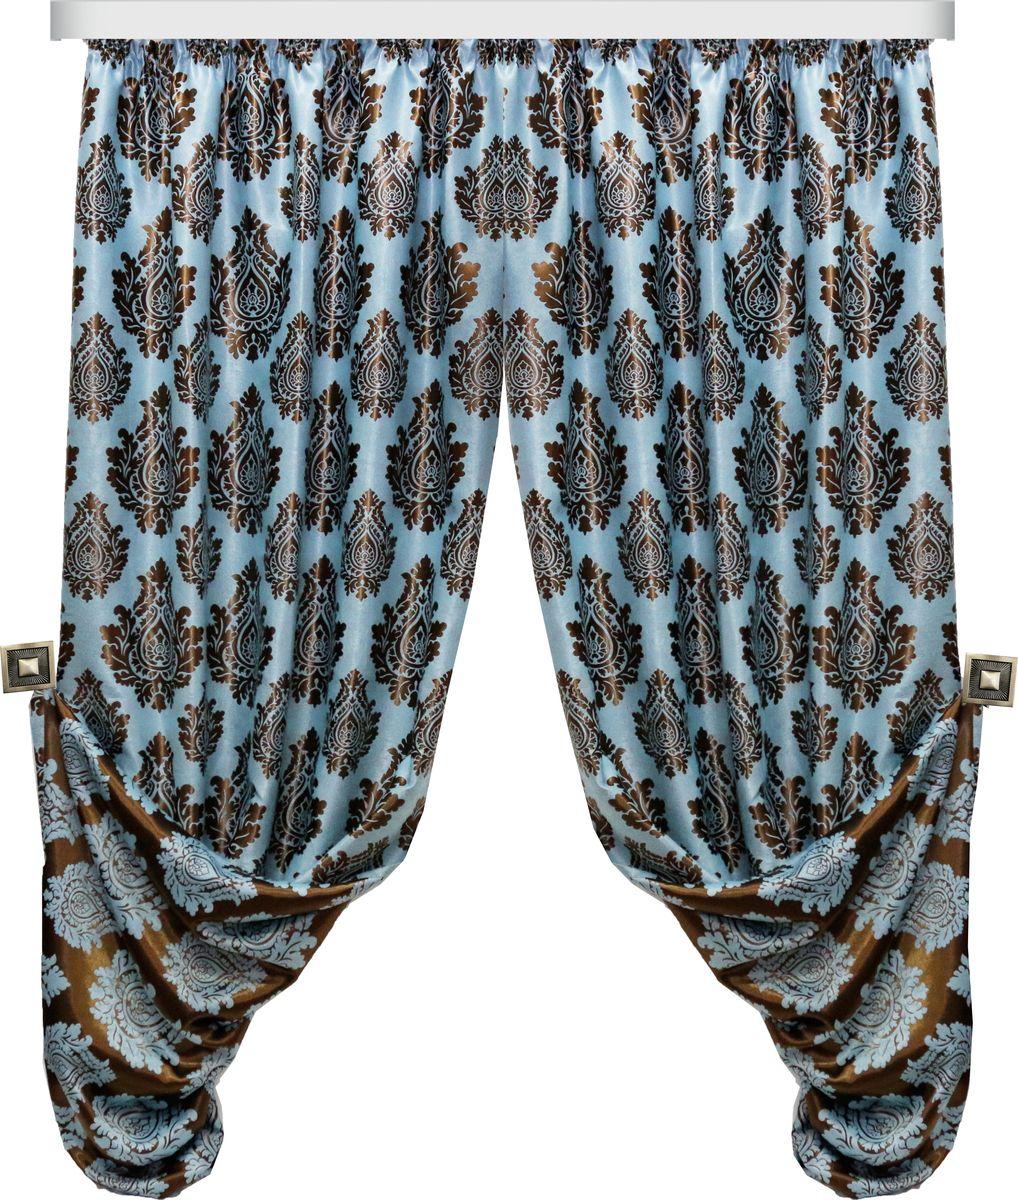 Комплект штор Zlata Korunka, на ленте, цвет: синий, коричневый, высота 270 см. 777094777094Роскошный комплект штор Zlata Korunka, выполненный из 100% полиэстера, великолепно украсит любое окно. Комплект состоит из двух портьер и двух подхватов. Плотная ткань, оригинальный принт и приятная, приглушенная гамма привлекут к себе внимание и органично впишутся в интерьер помещения. Комплект крепится на карниз при помощи шторной ленты, которая поможет красиво и равномерно задрапировать верх. Портьеры можно зафиксировать в одном положении с помощью двух подхватов. Этот комплект будет долгое время радовать вас и вашу семью! В комплект входит: Портьера: 2 шт. Размер (ШхВ): 160 см х 270 см. Подхват: 2 шт. Размер (ШхВ): 60 см х 10 см.